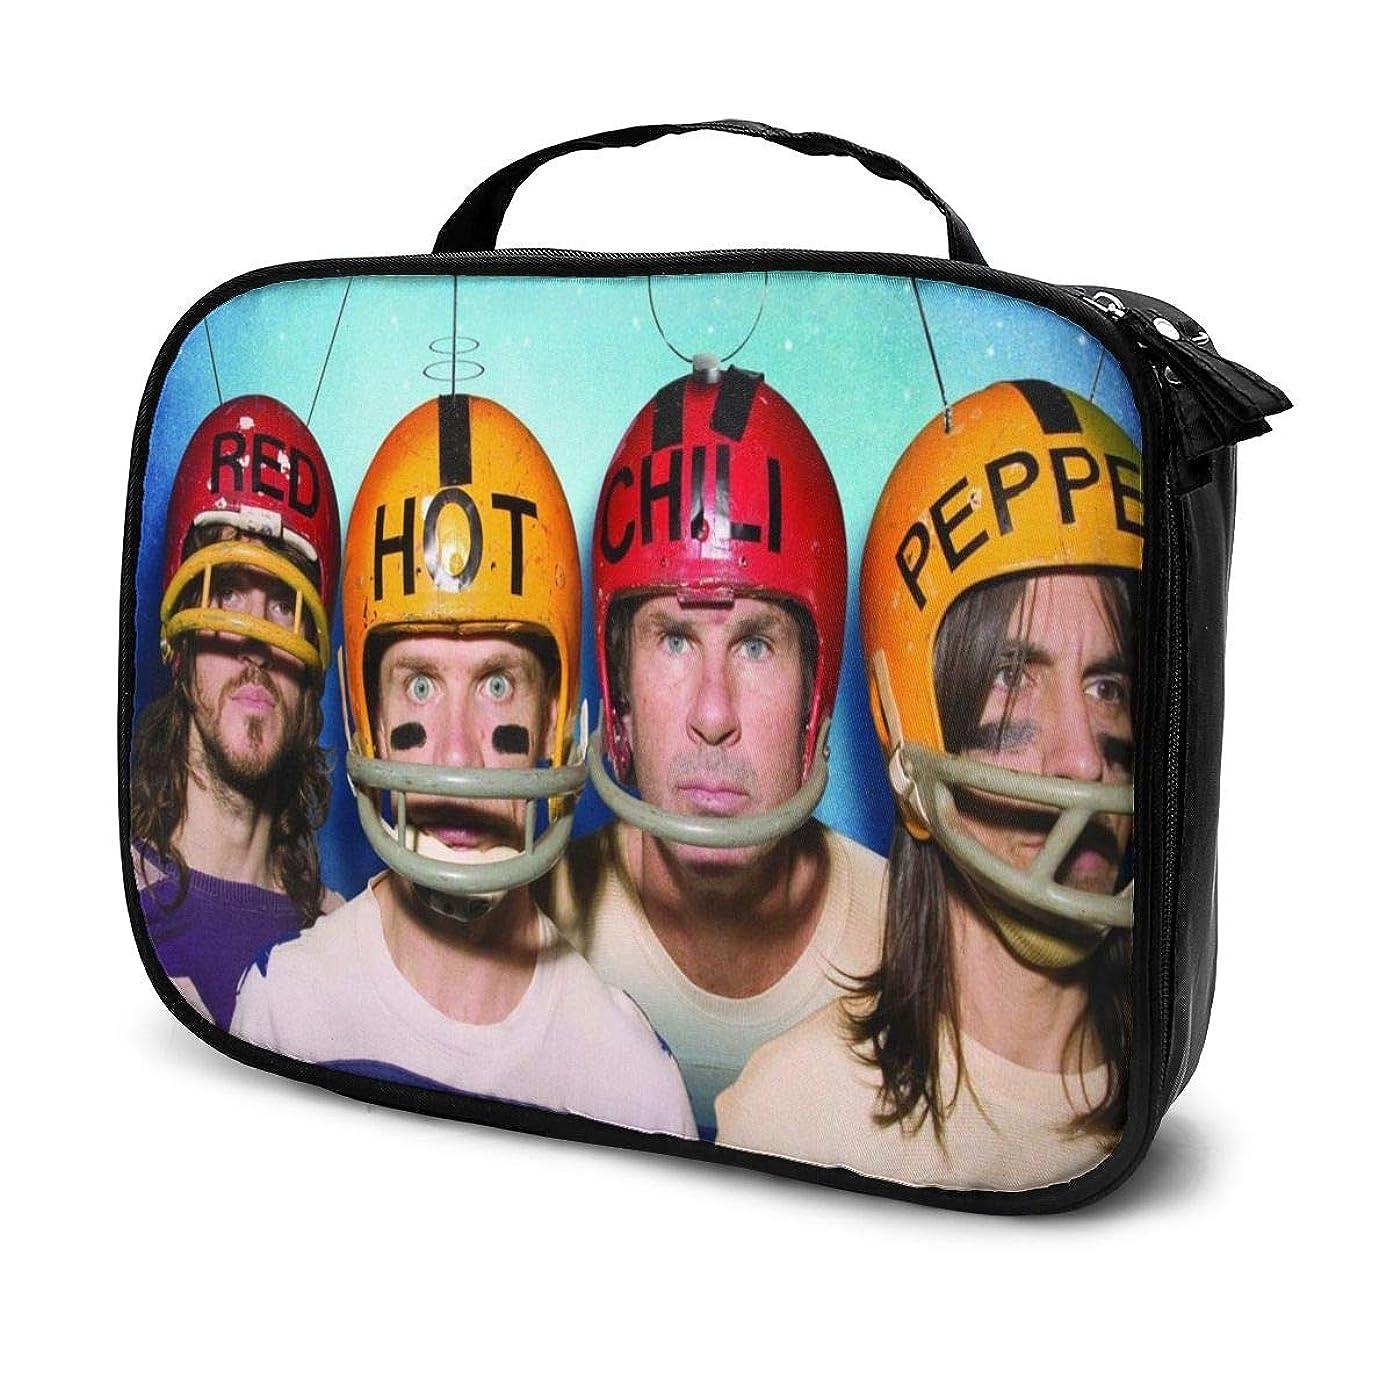 発送ラジカルリード化粧ポーチ Red Hot Chili Peppers 女性化粧品バッグ ビューティー メイク道具 フェイスケアツール 化粧ポーチメイクボックス ホーム、旅行、ショッピング、ショッピング